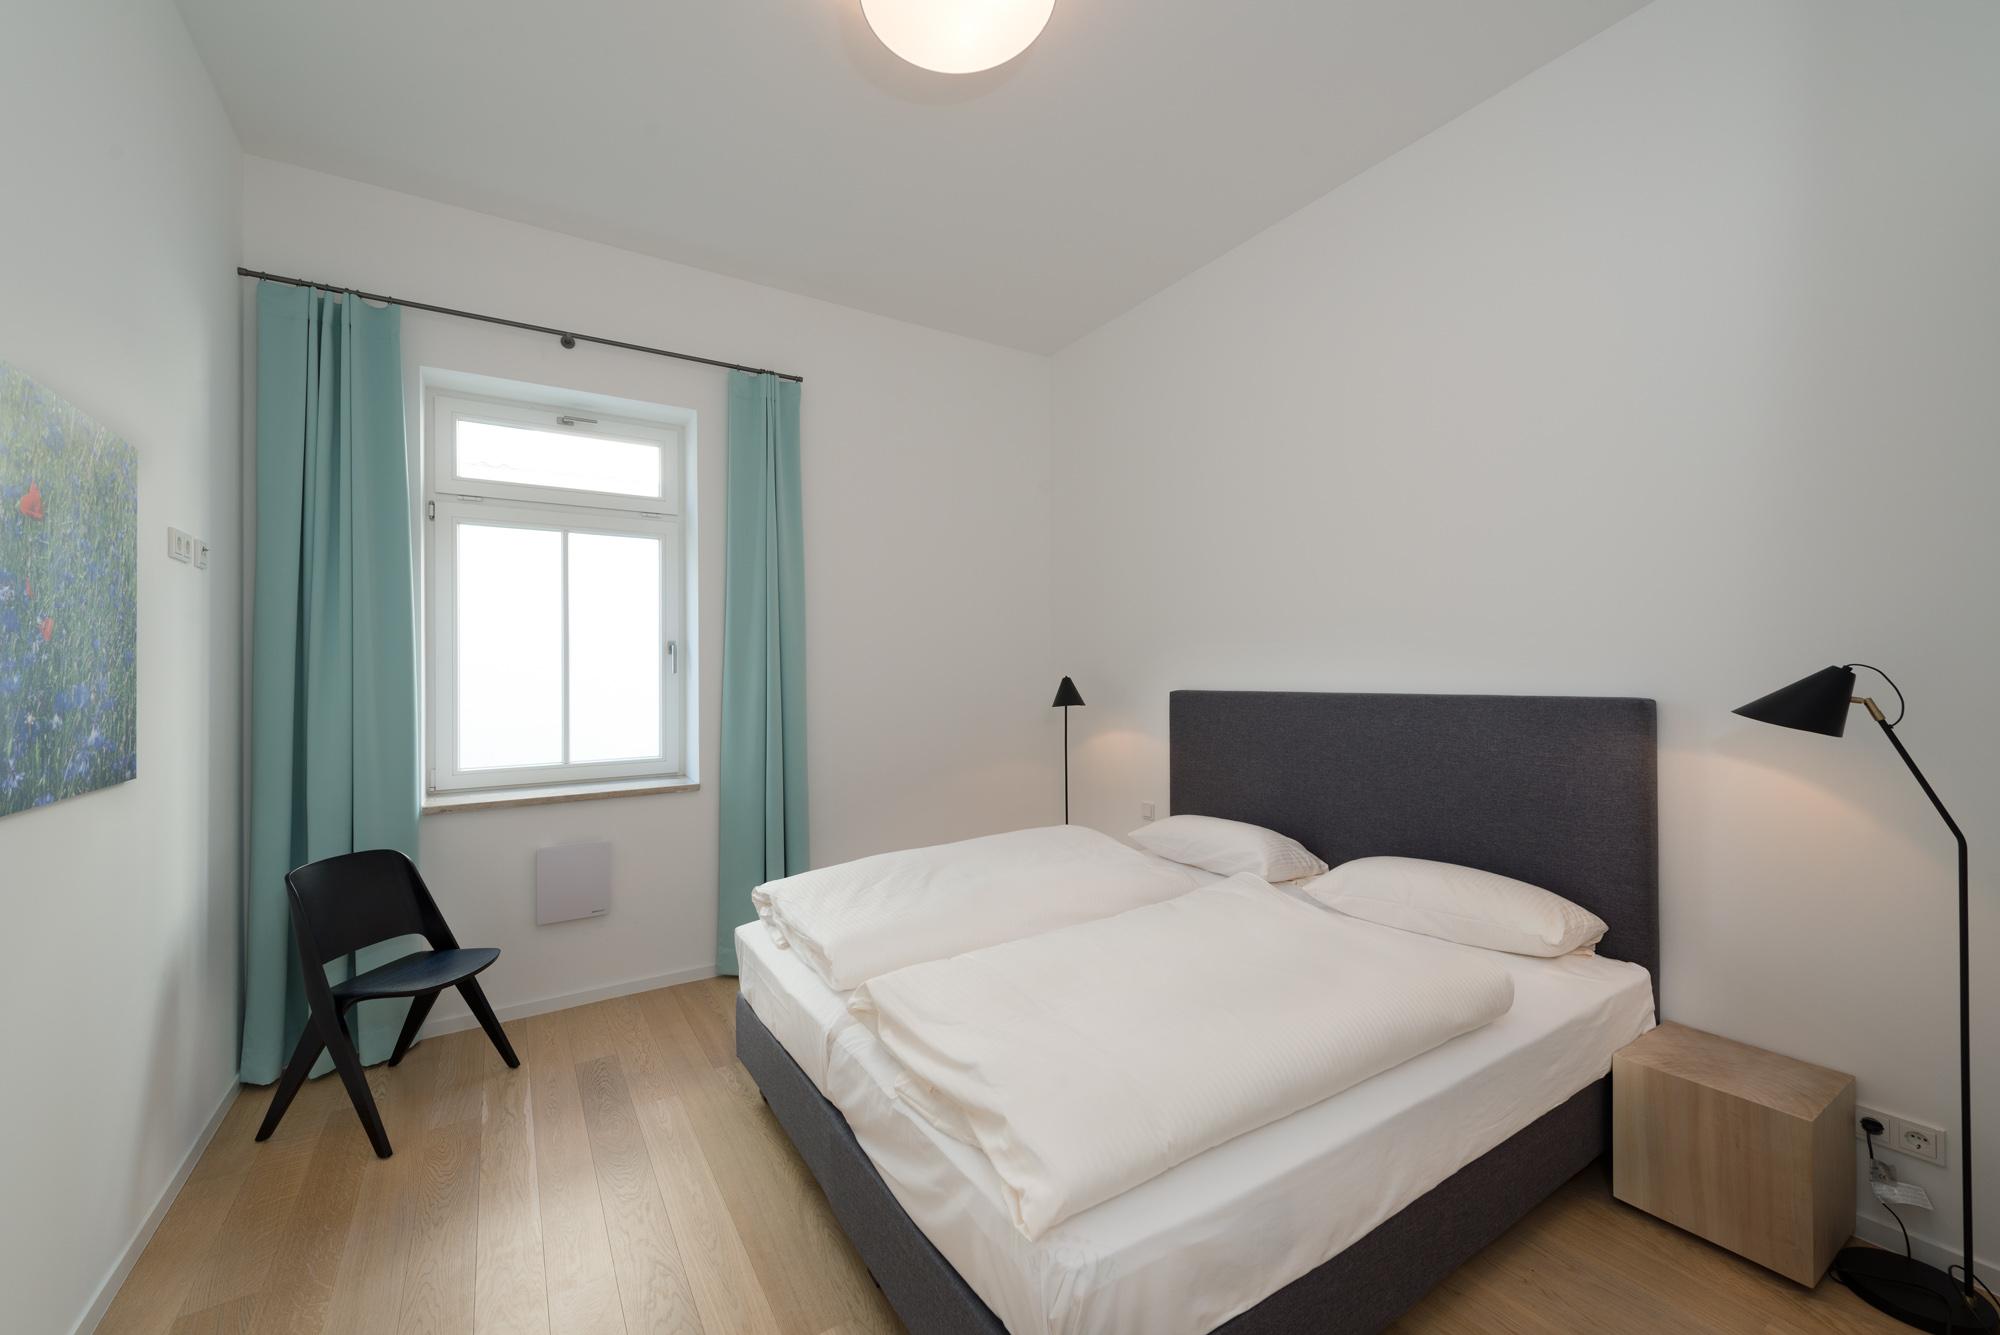 Schlafzimmer Wohnung 03